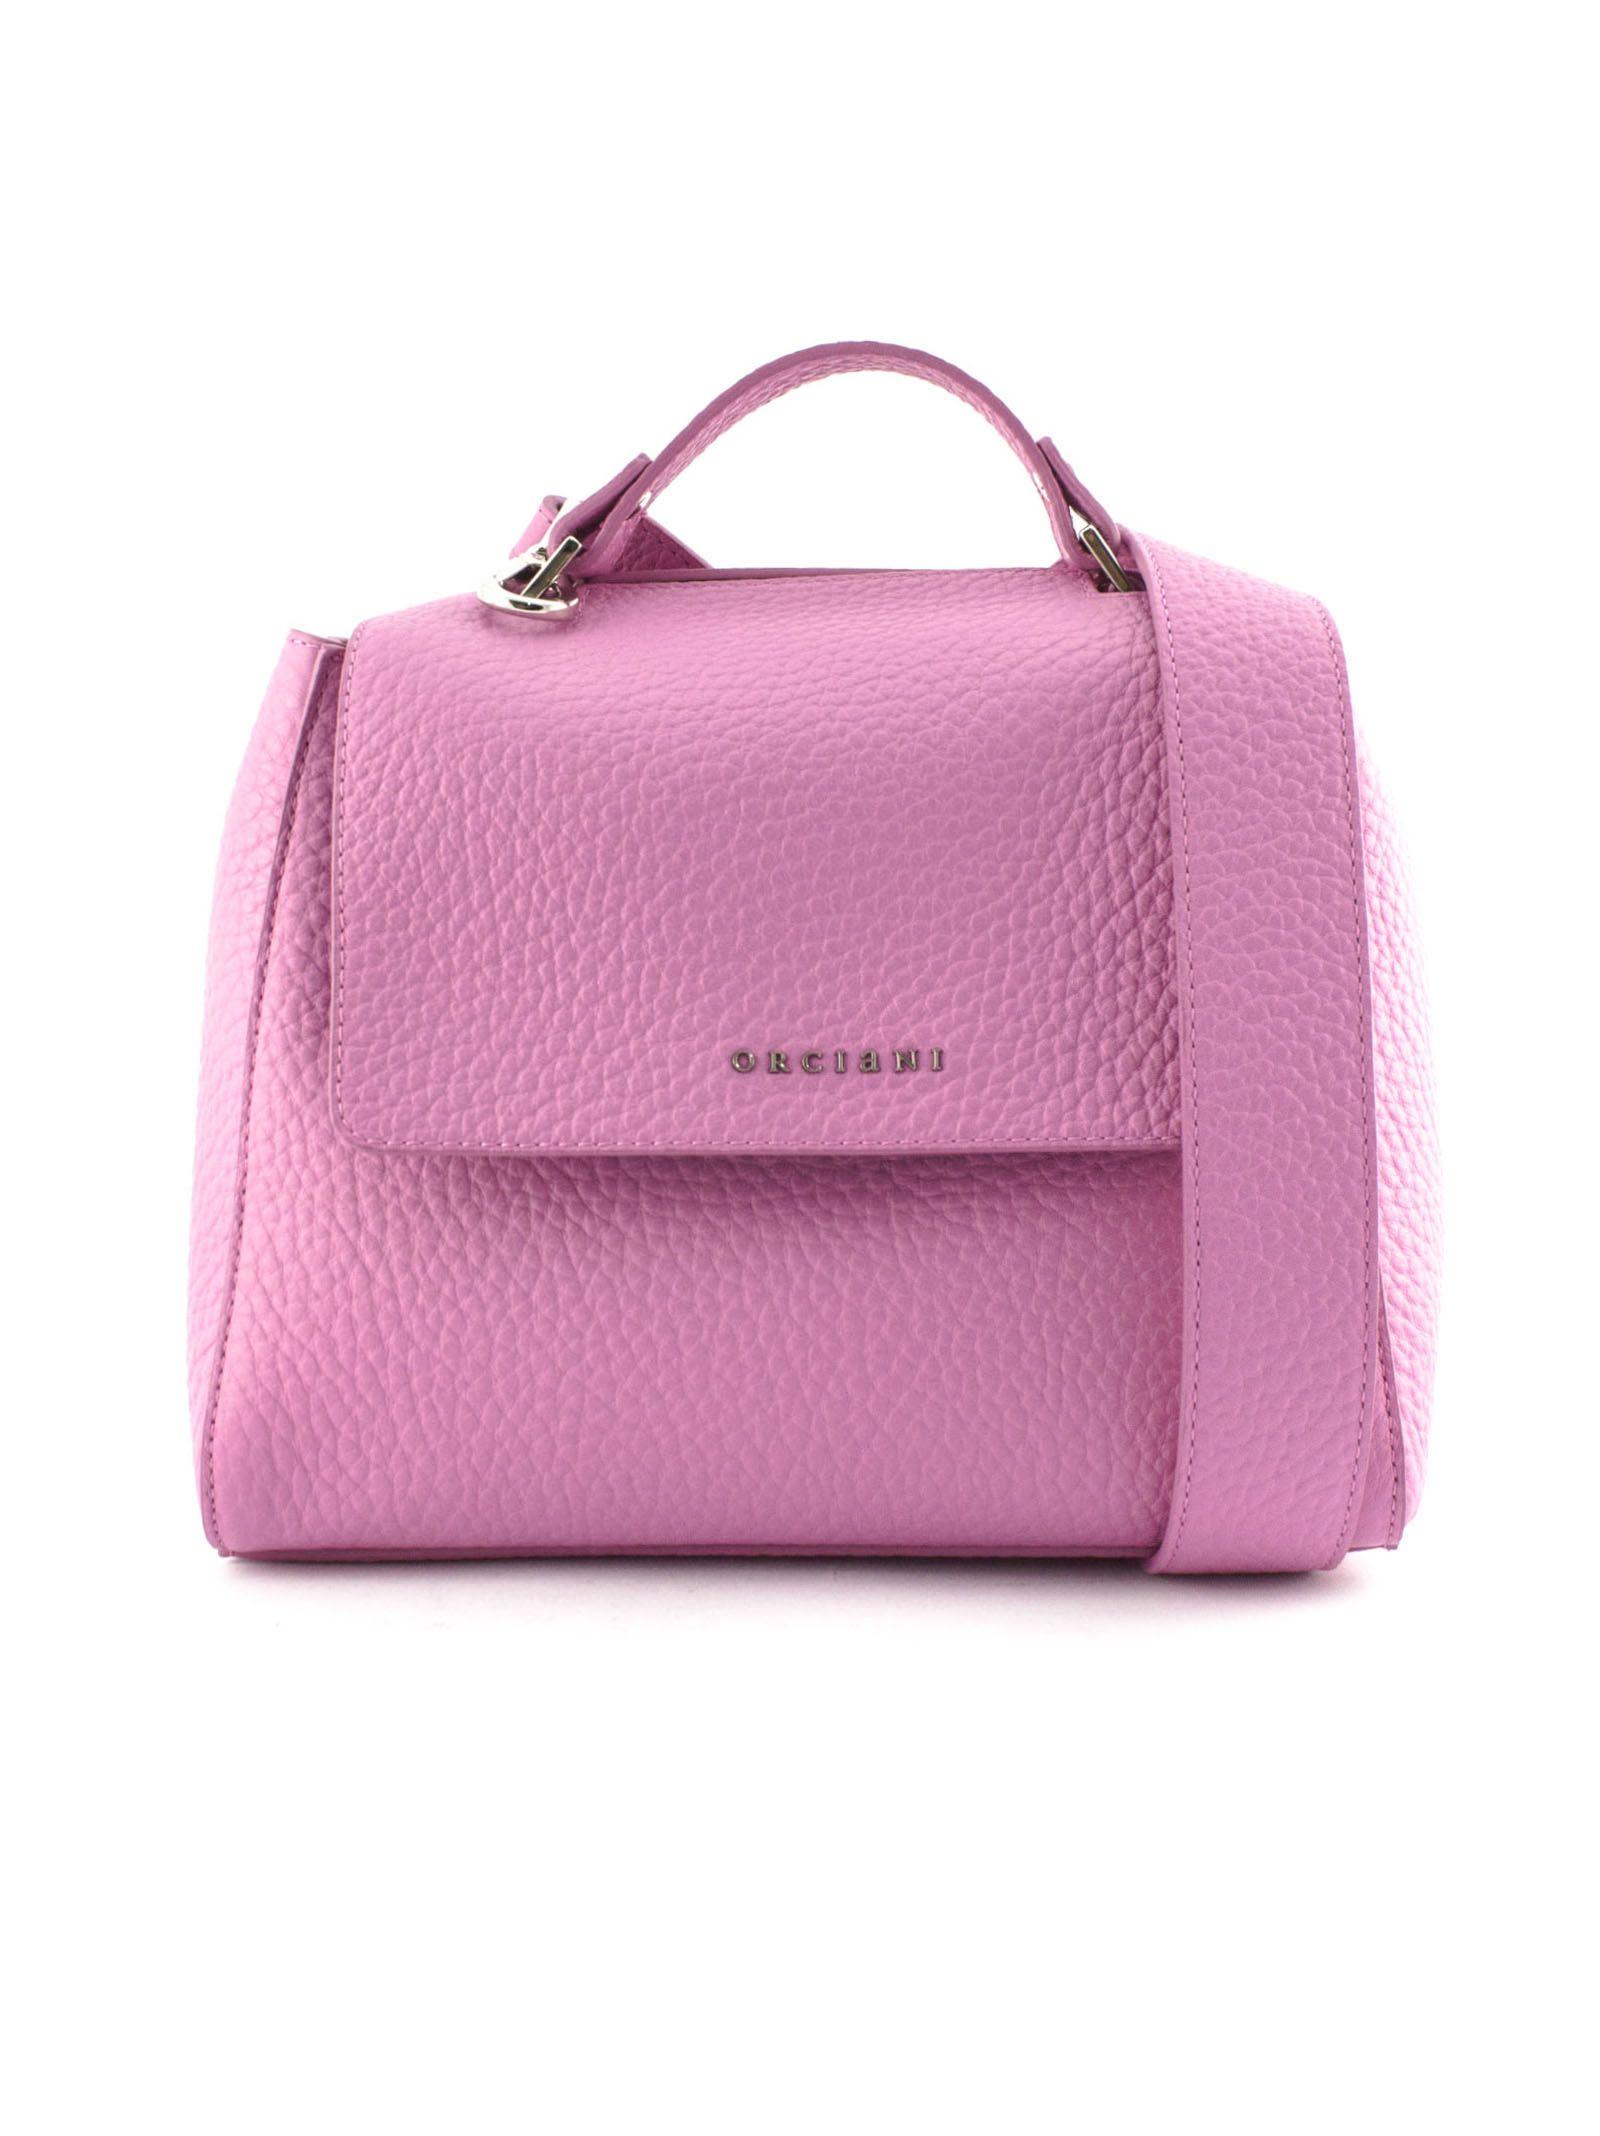 Orciani Orciani Sveva Small Pink Leather Handbag - Fuxia - 10786174 ... 343f86ae17979